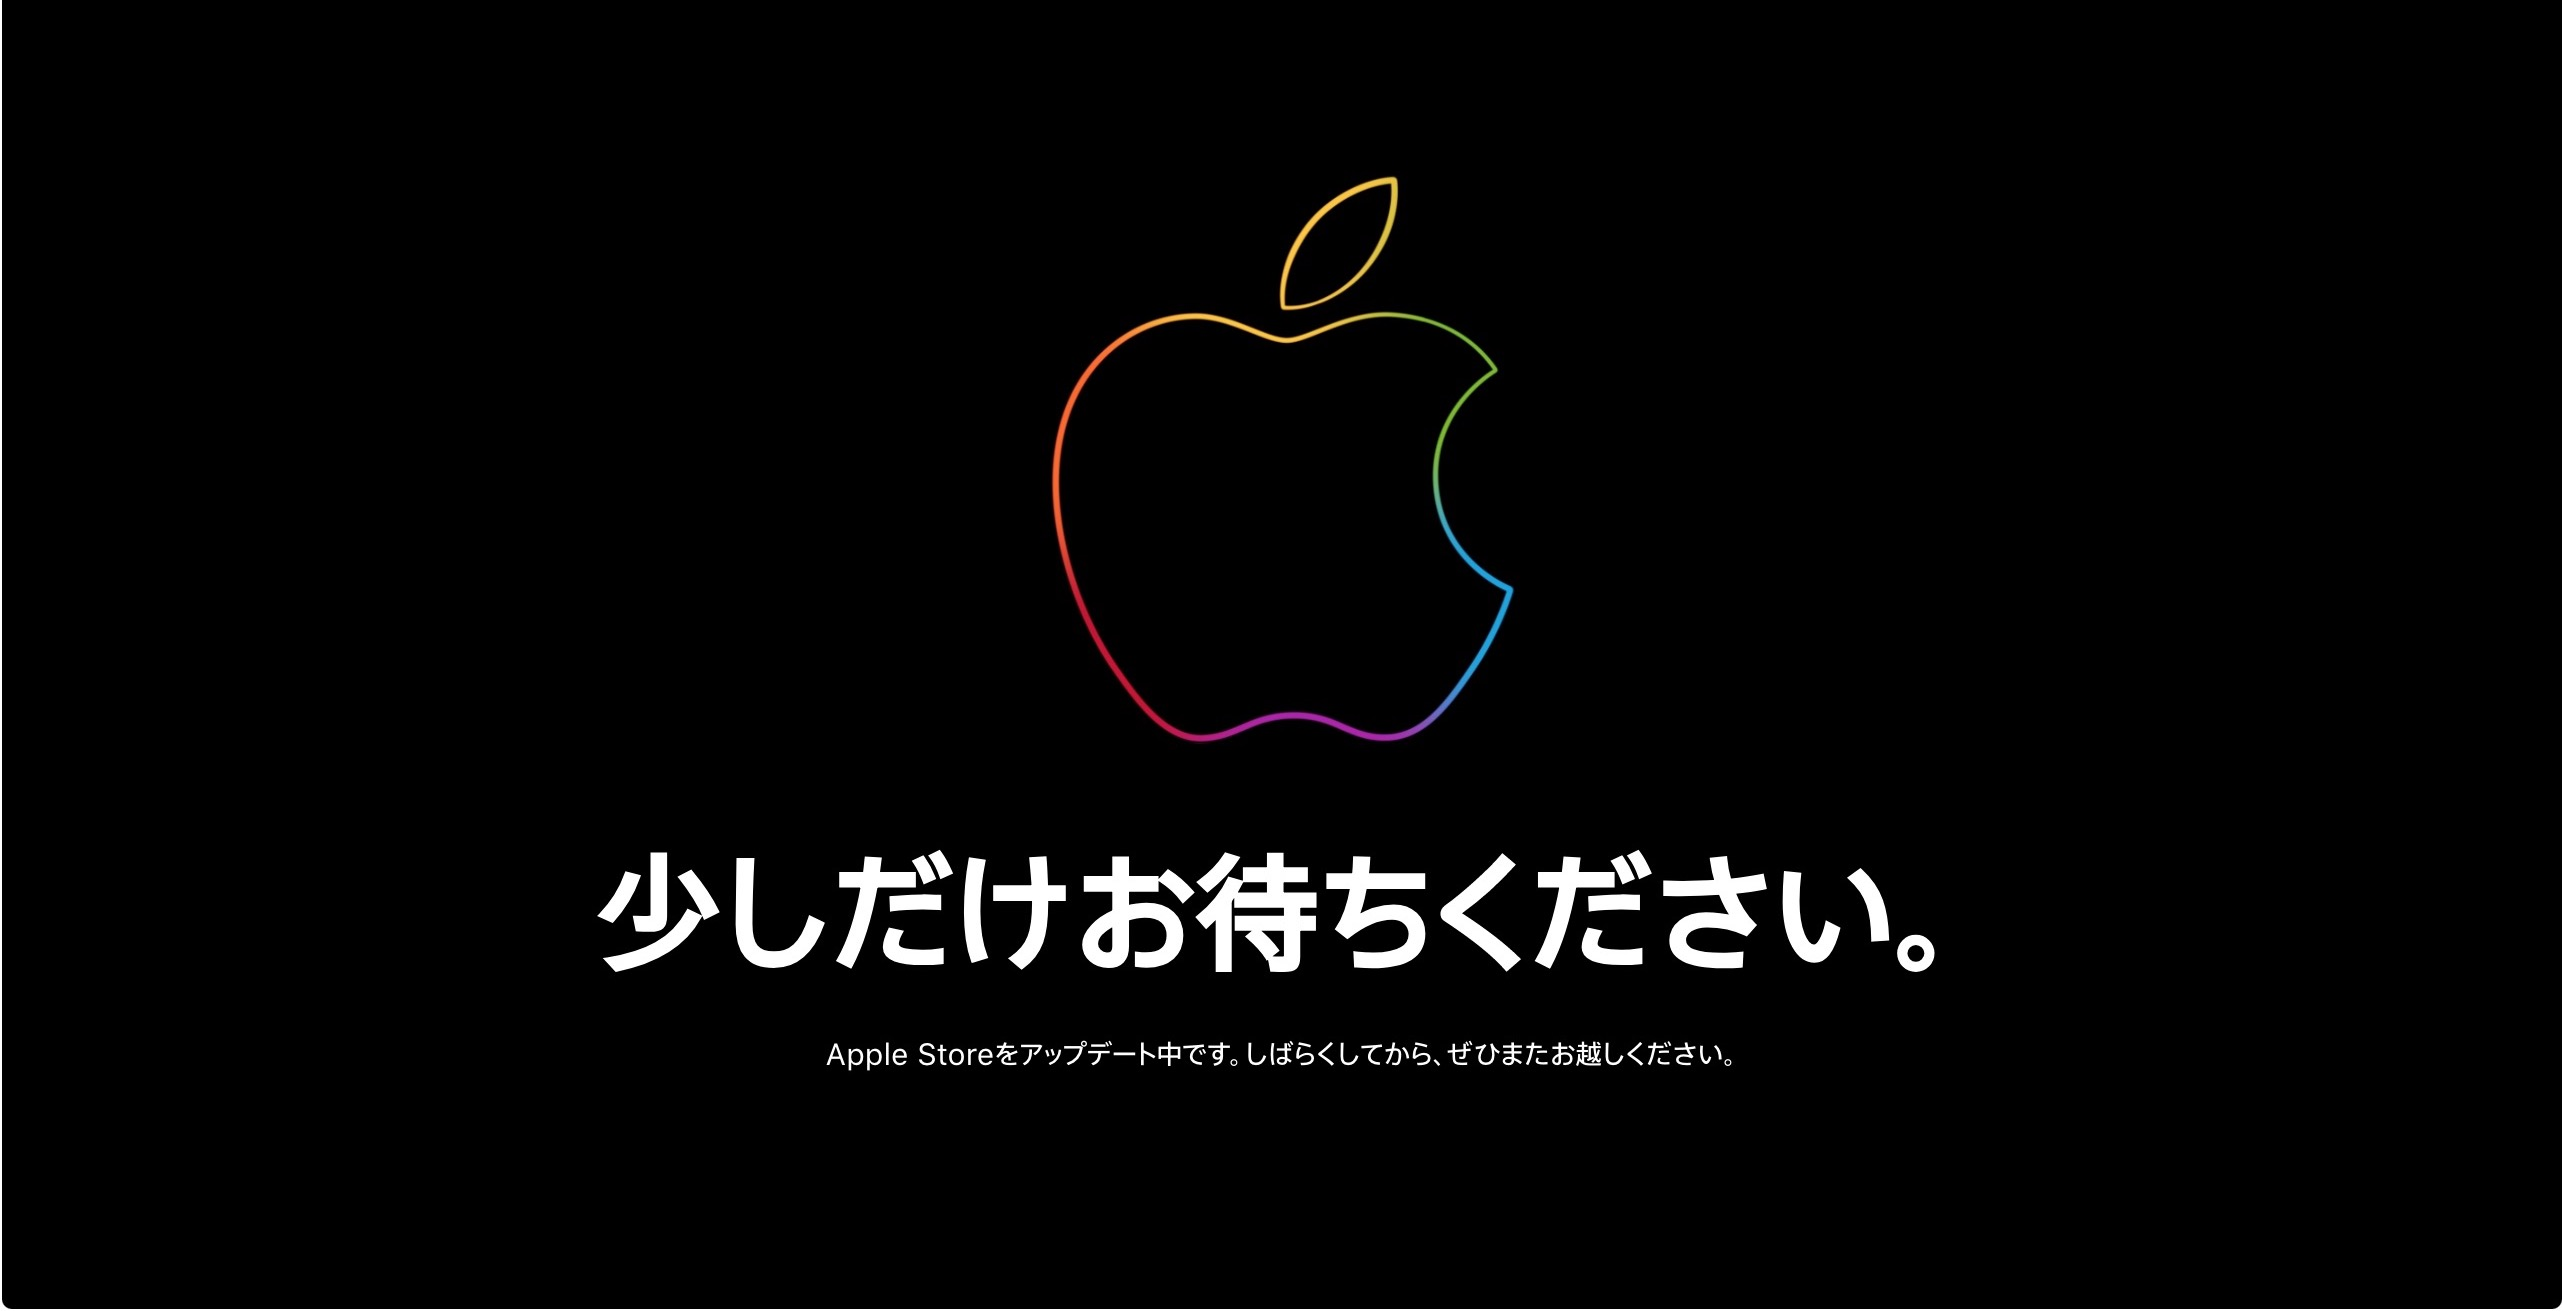 Apple公式サイトがメンテ中に〜1月2日限定で初売り開催